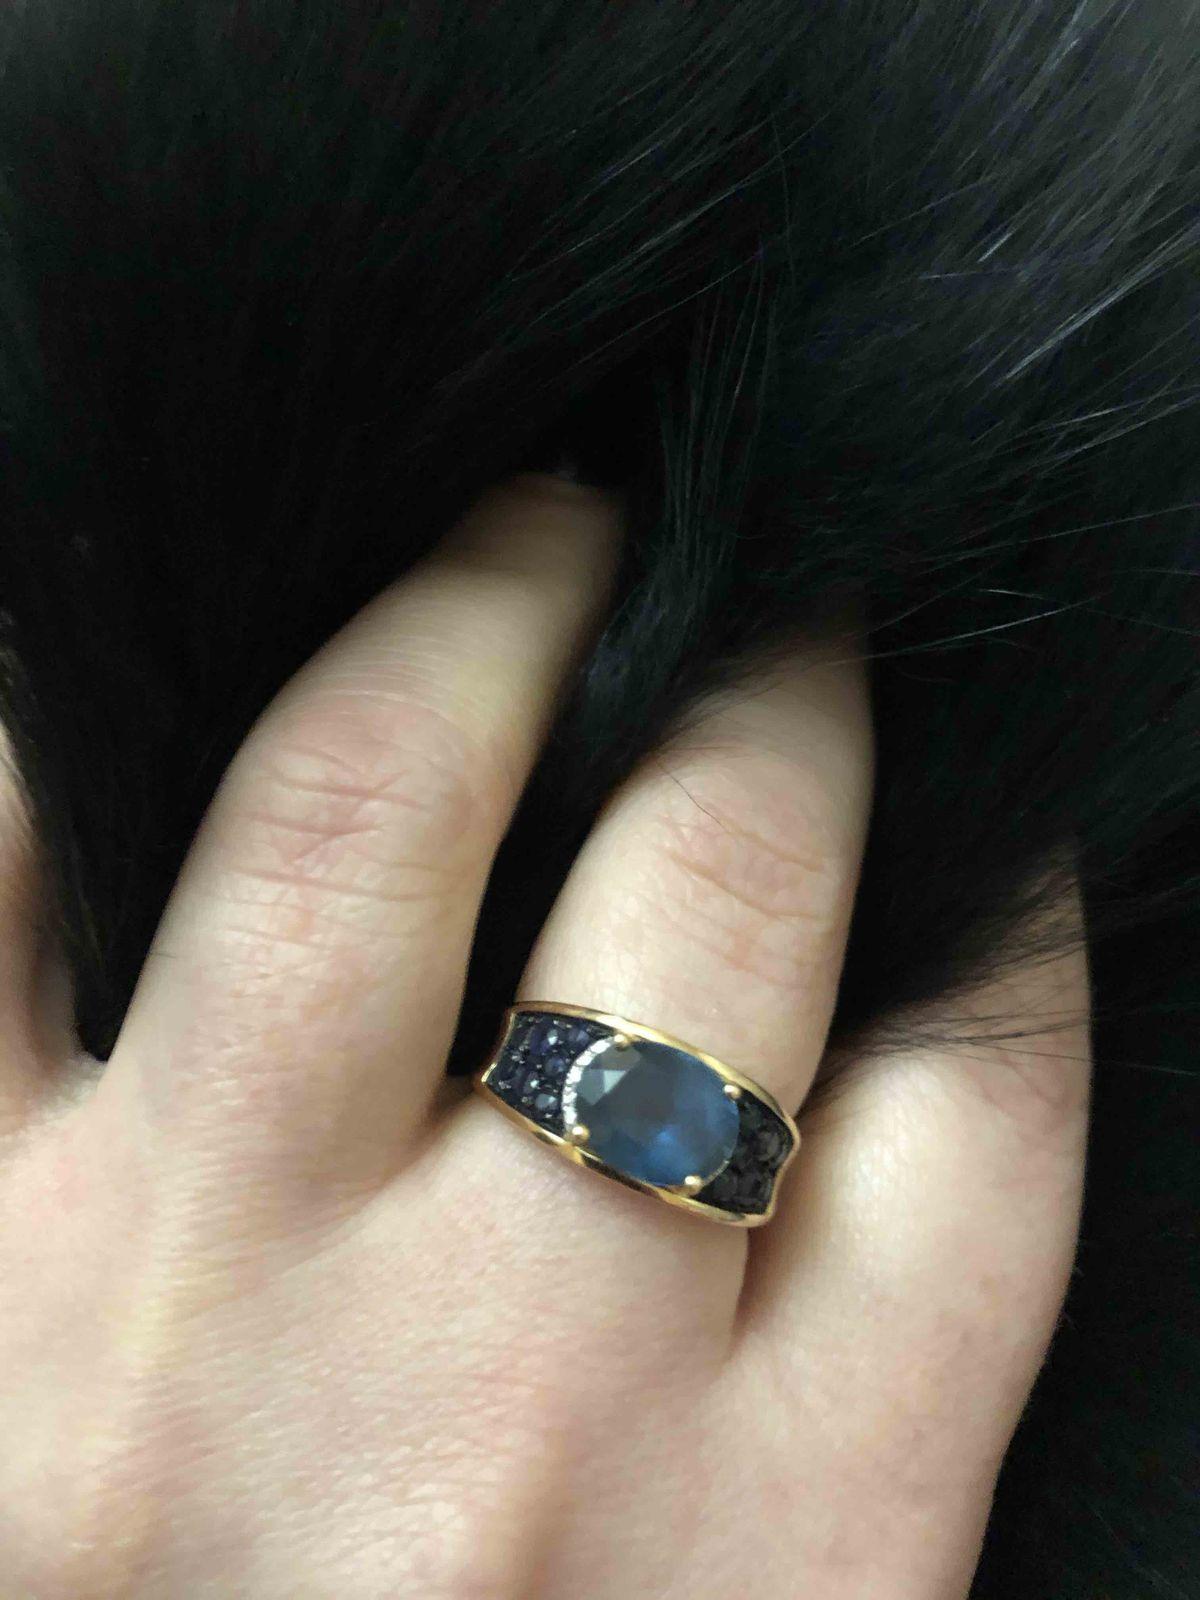 Достойное украшение для девушки(кольцо и серьги)ЛЮКСОВЫЙ НАБОРЧИК